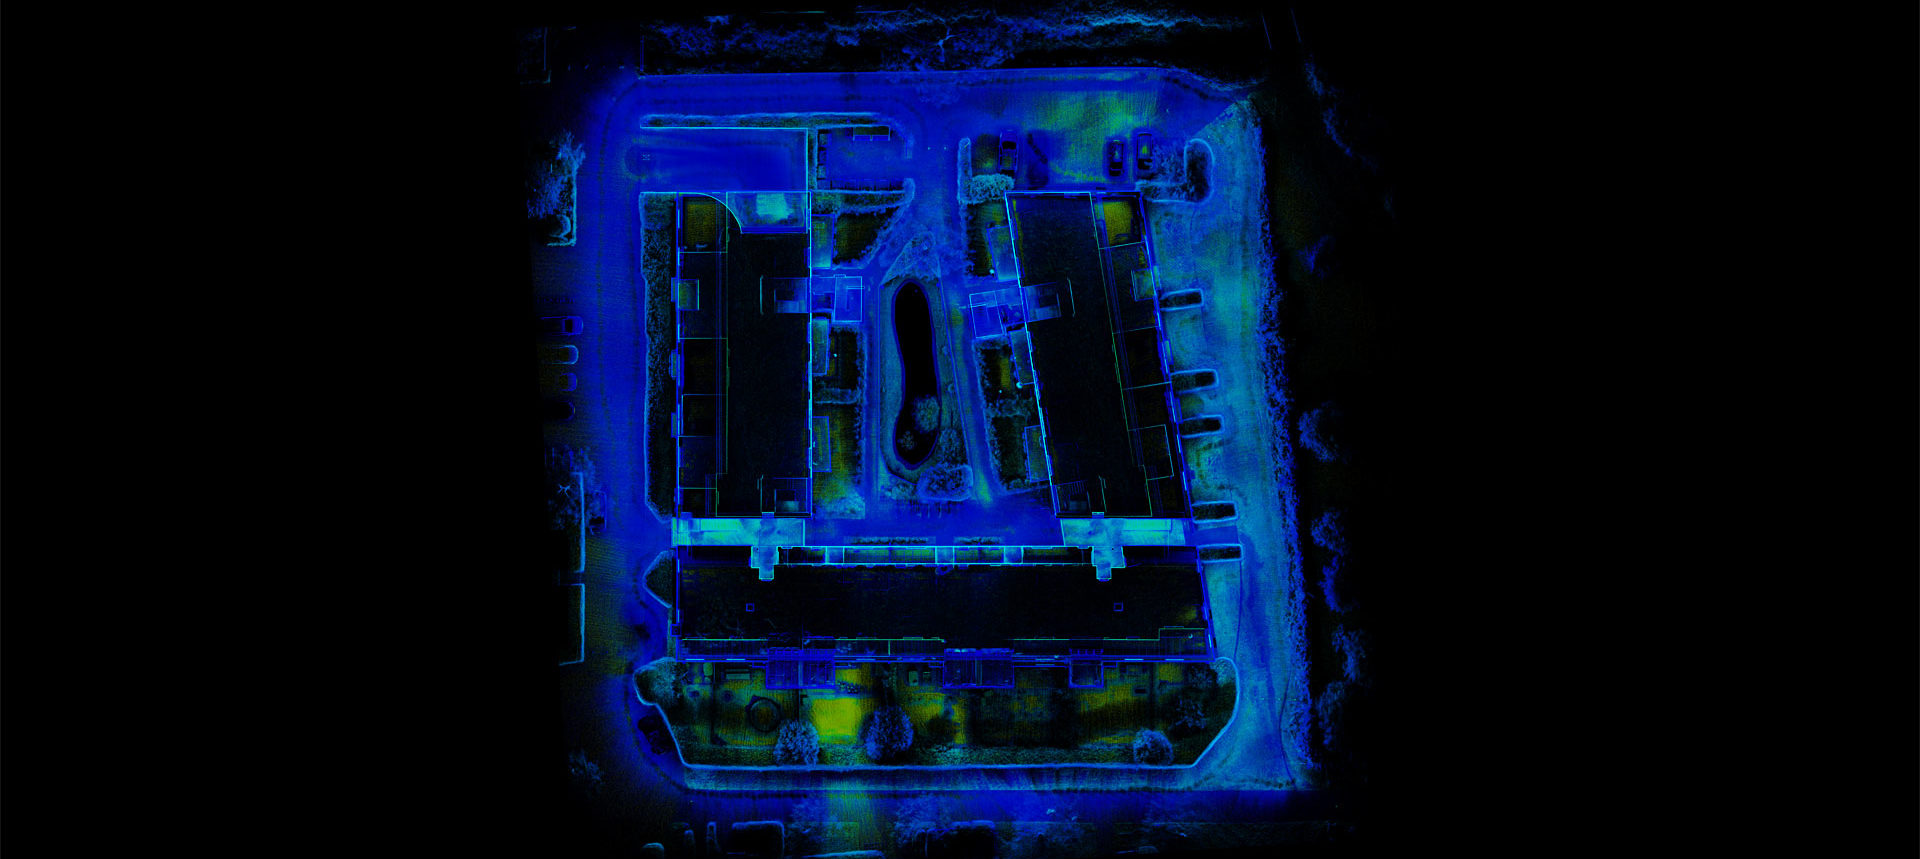 Grundriss-3DLaserscan_01